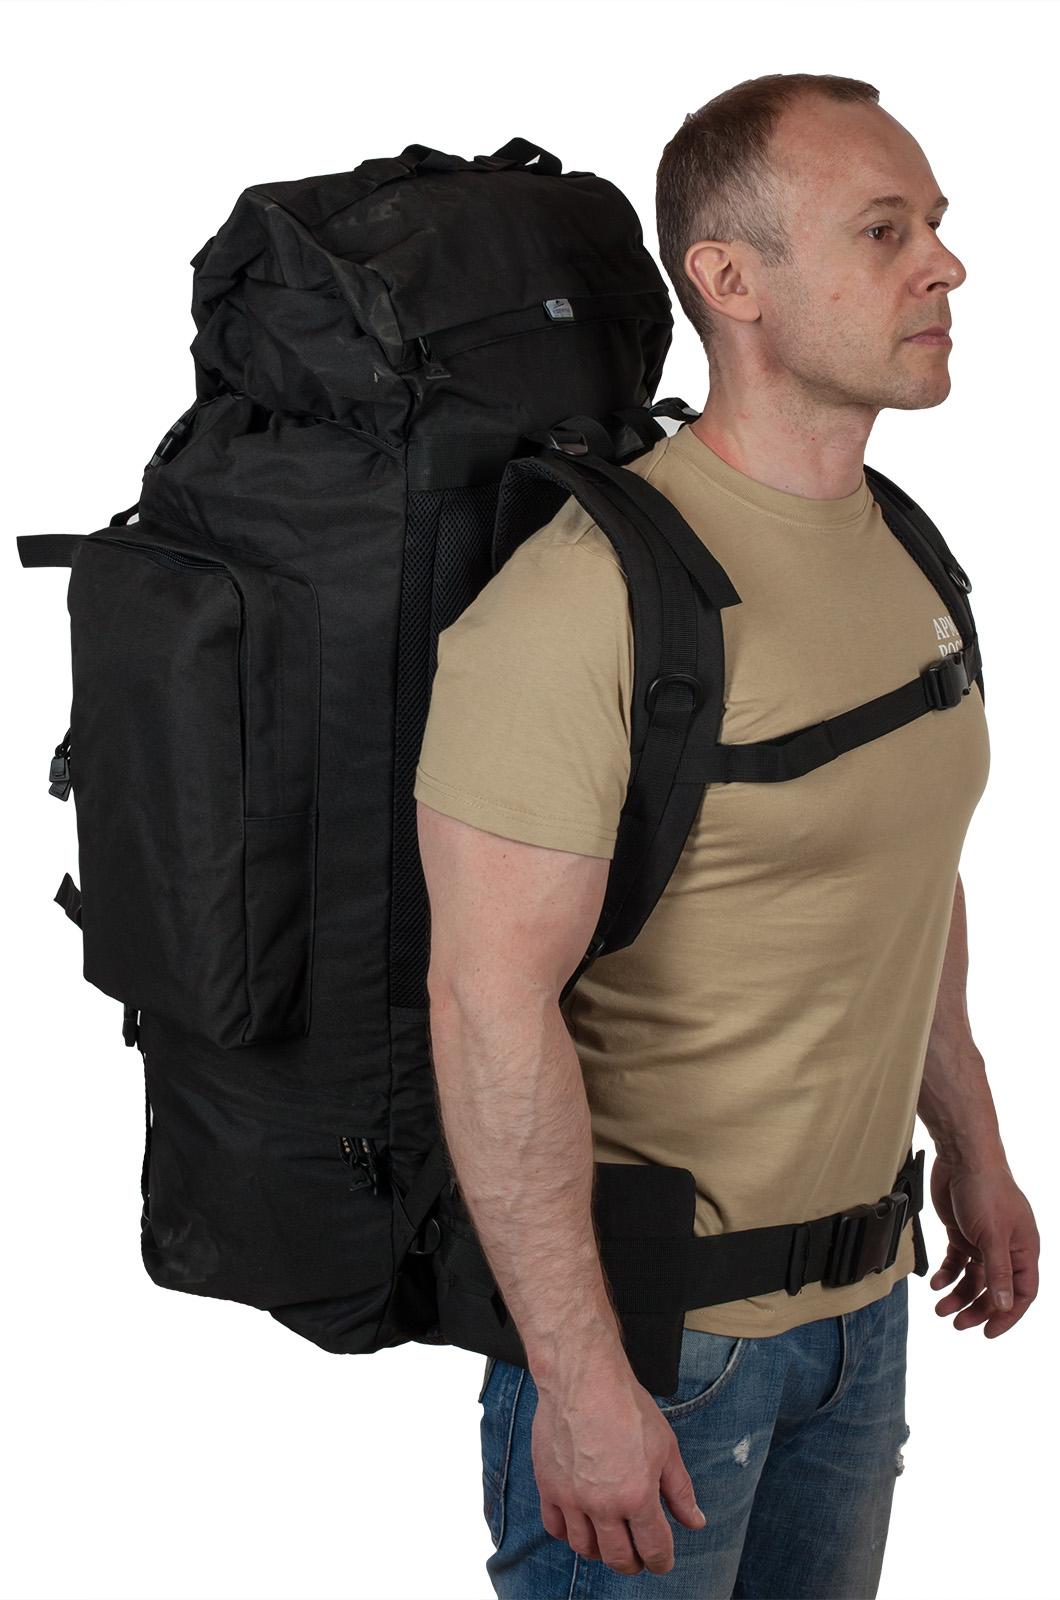 Многодневный черный рюкзак с эмблемой Охотничьих войск купить онлайн